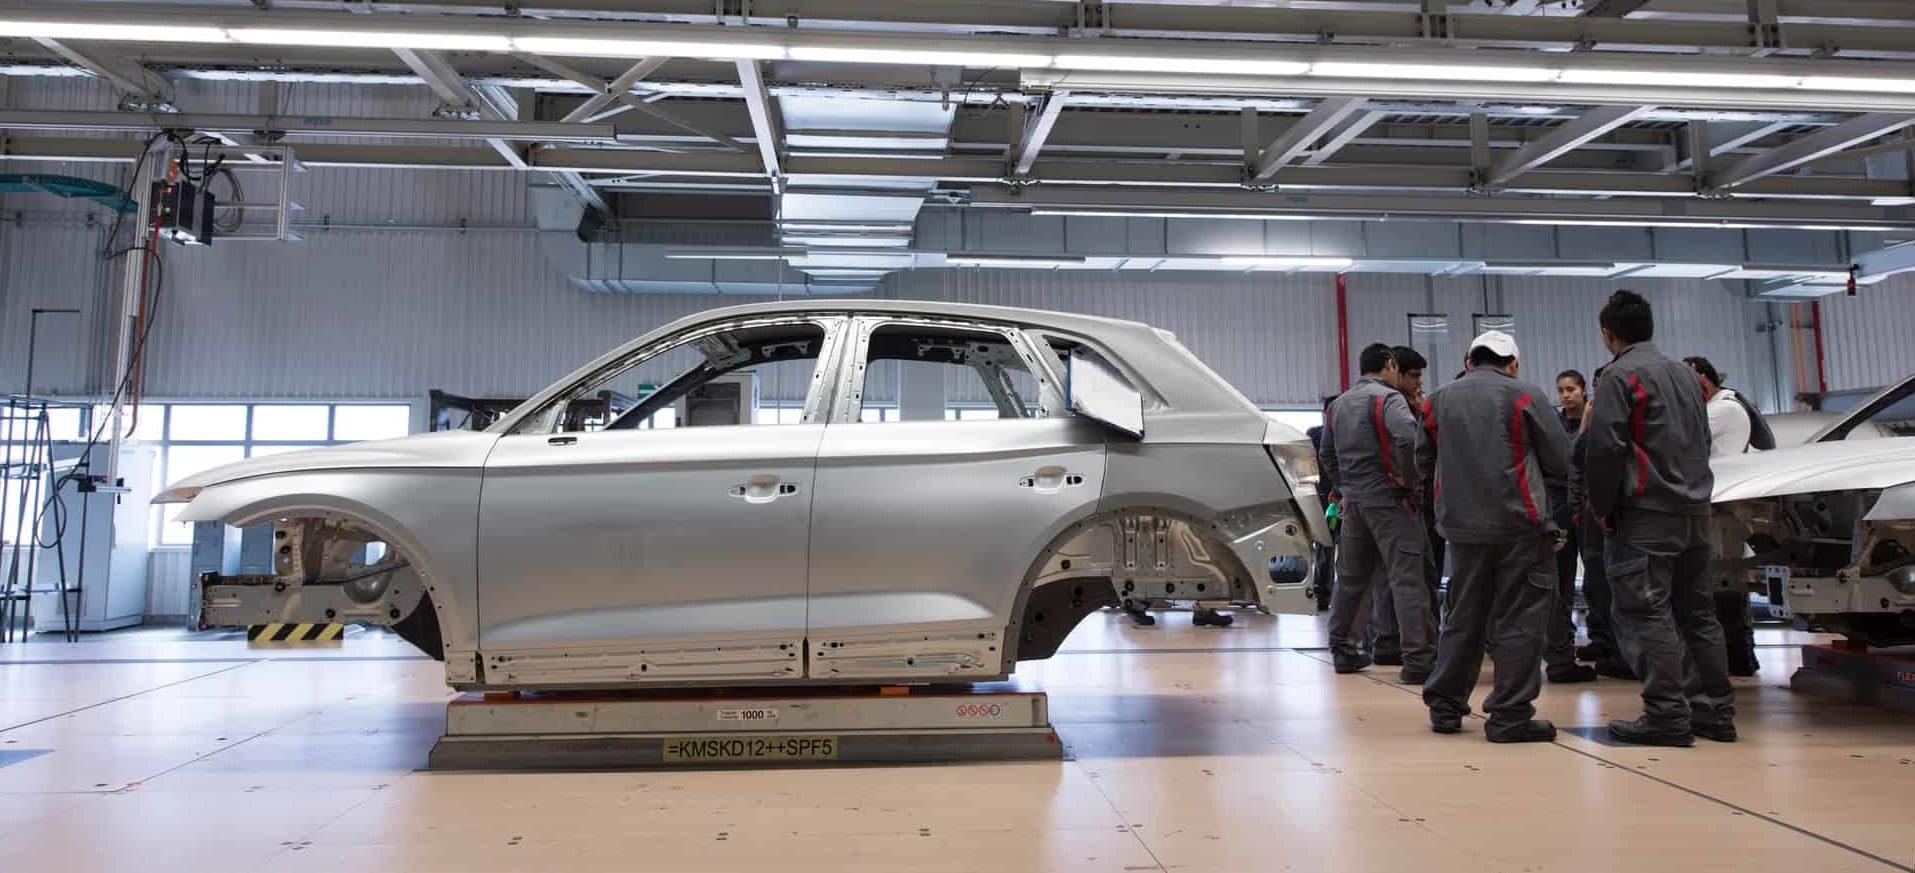 Autoherstellung eines Audi SUV